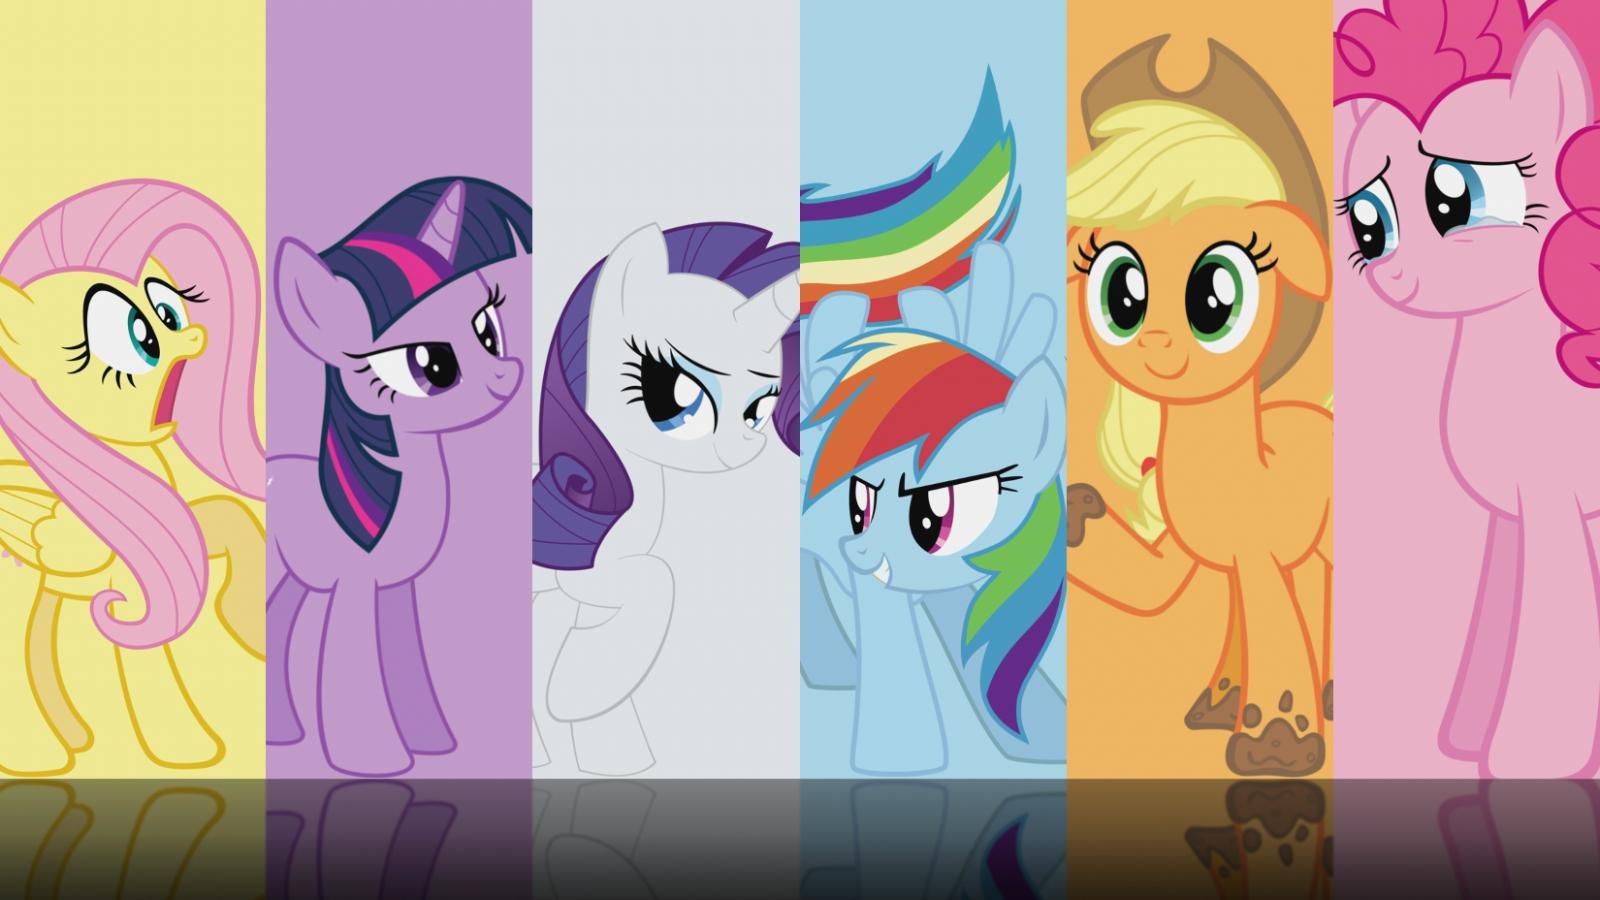 Free Download My Little Pony Wallpaper By Syljon On Deviantart